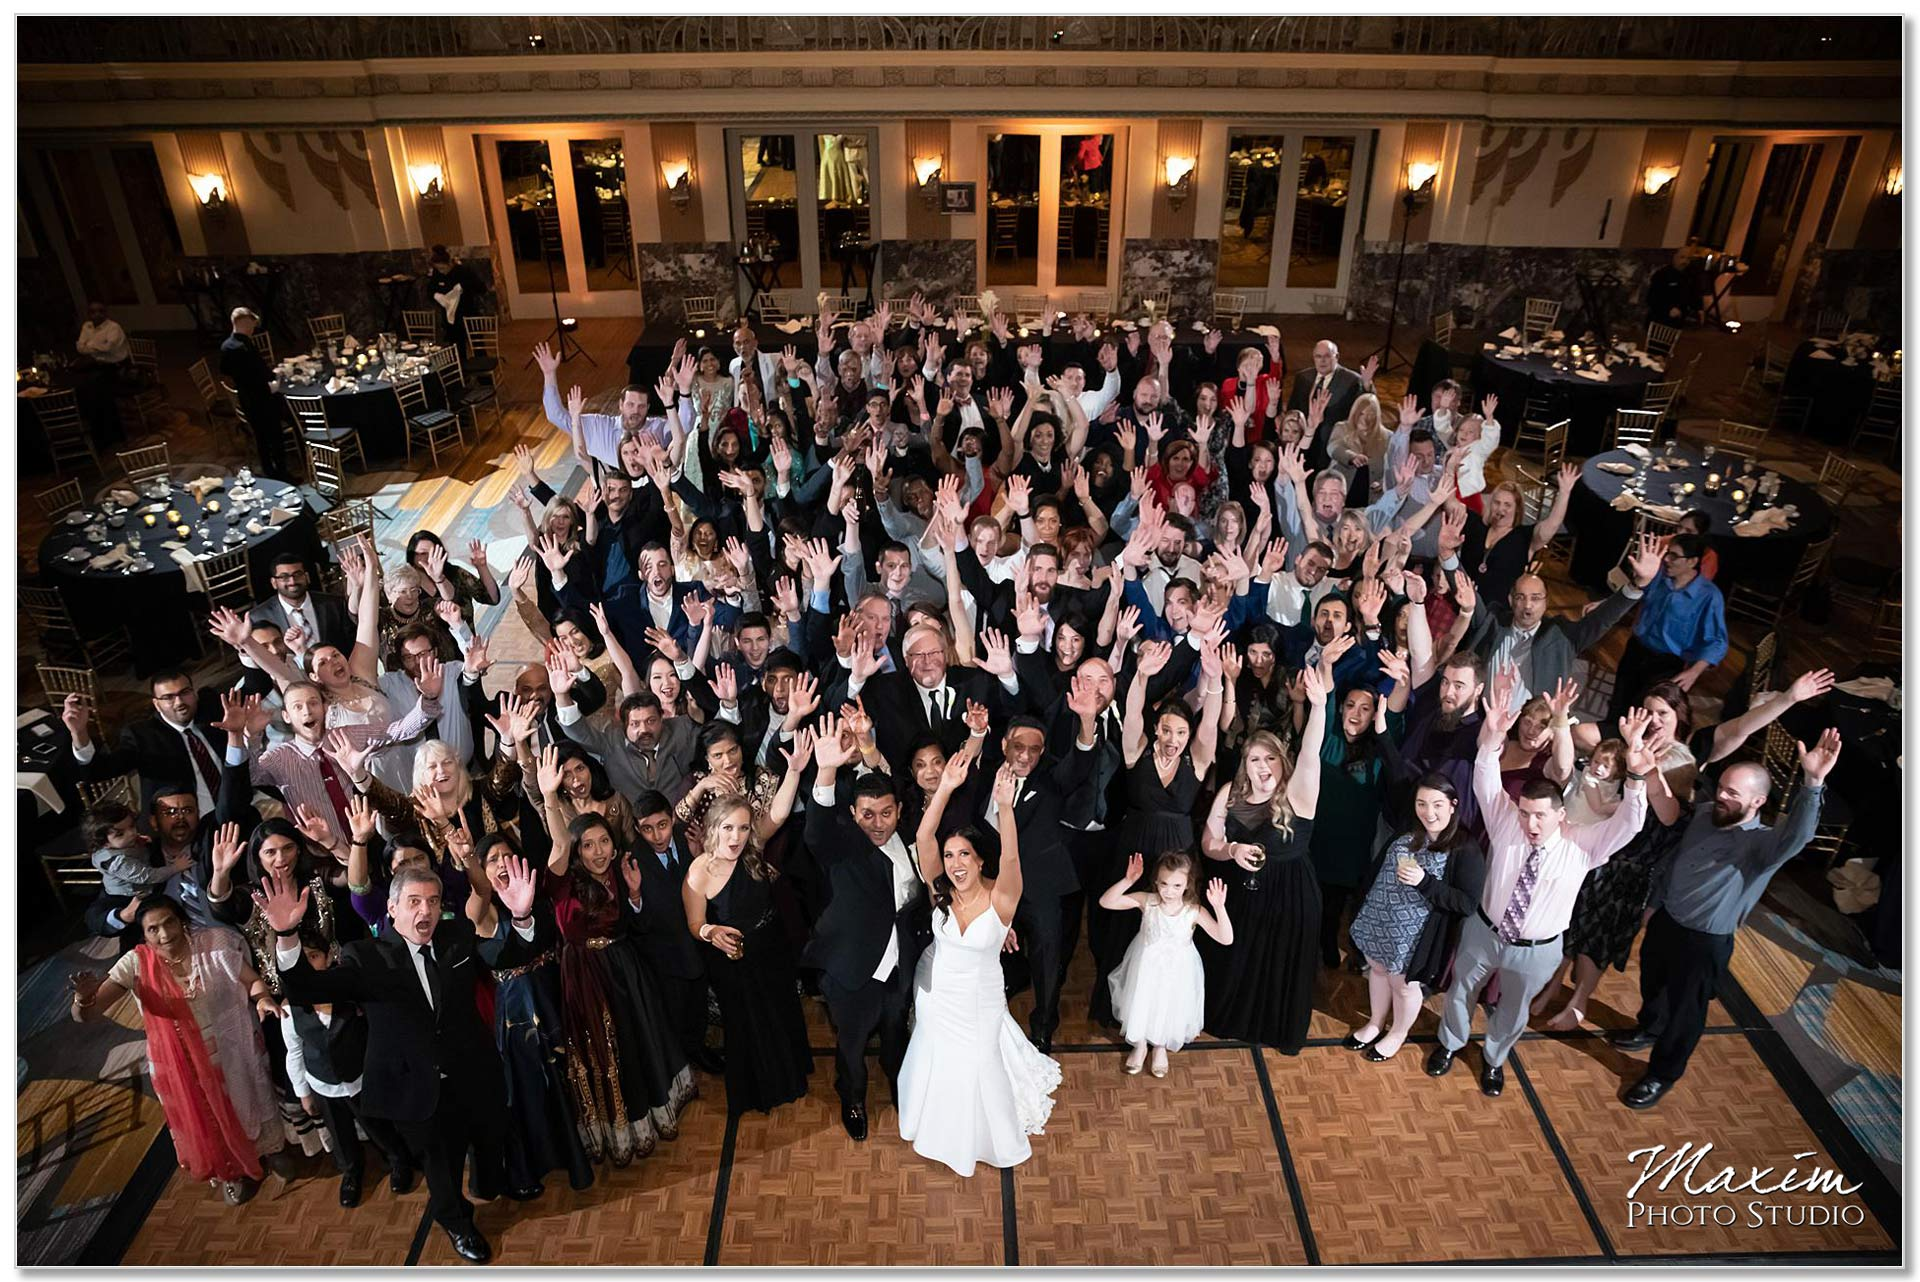 Hilton Netherland Plaza wedding Reception Group Photo